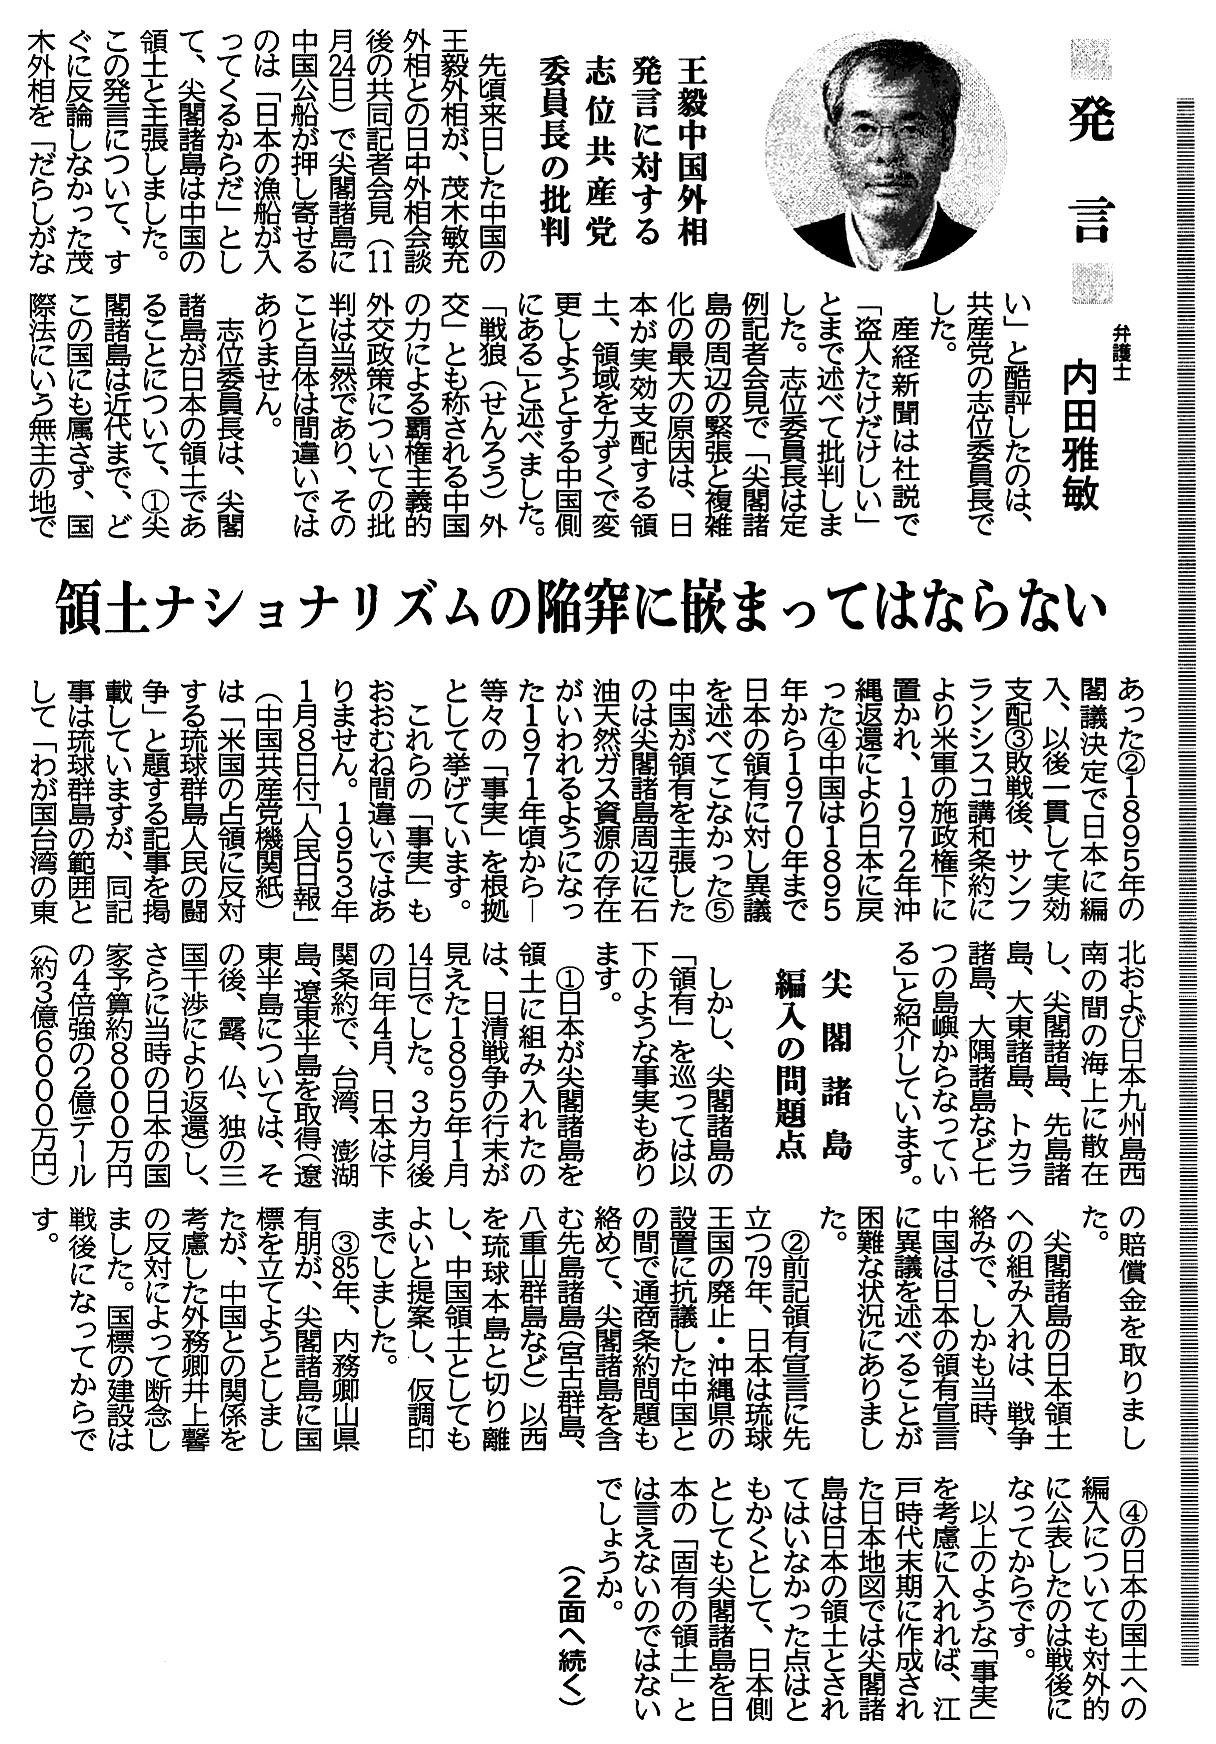 higashiaichi2020.12.28atBW.jpg